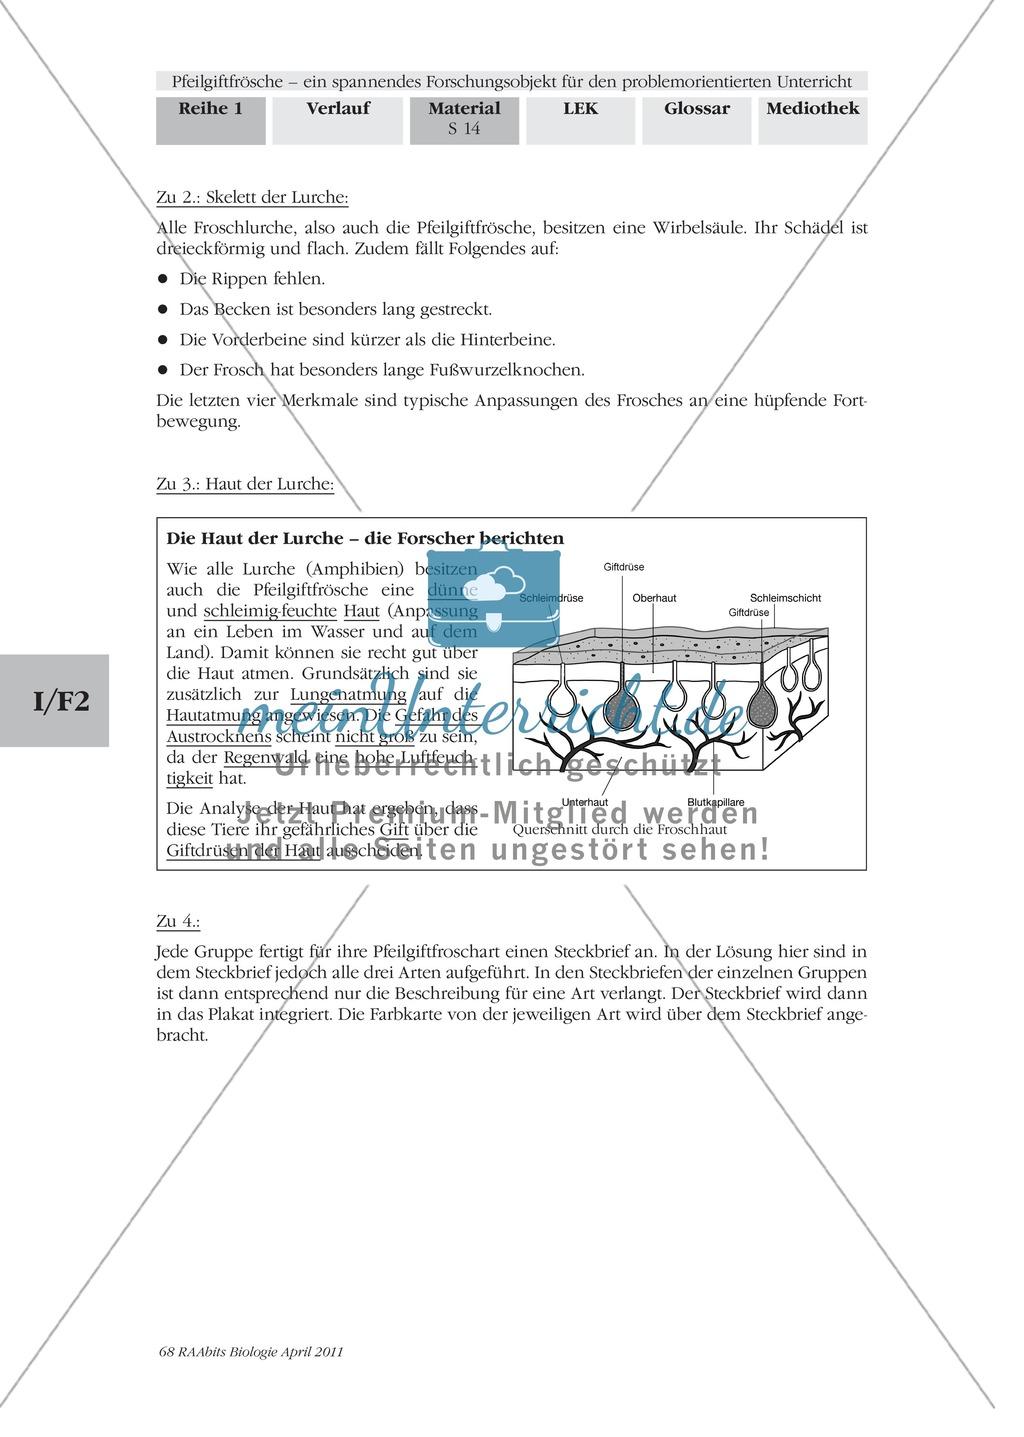 Merkmale und Eigenschaften von Fröschen am Beispiel von Pfeilgiftfröschen: Forschungsauftrag Preview 6